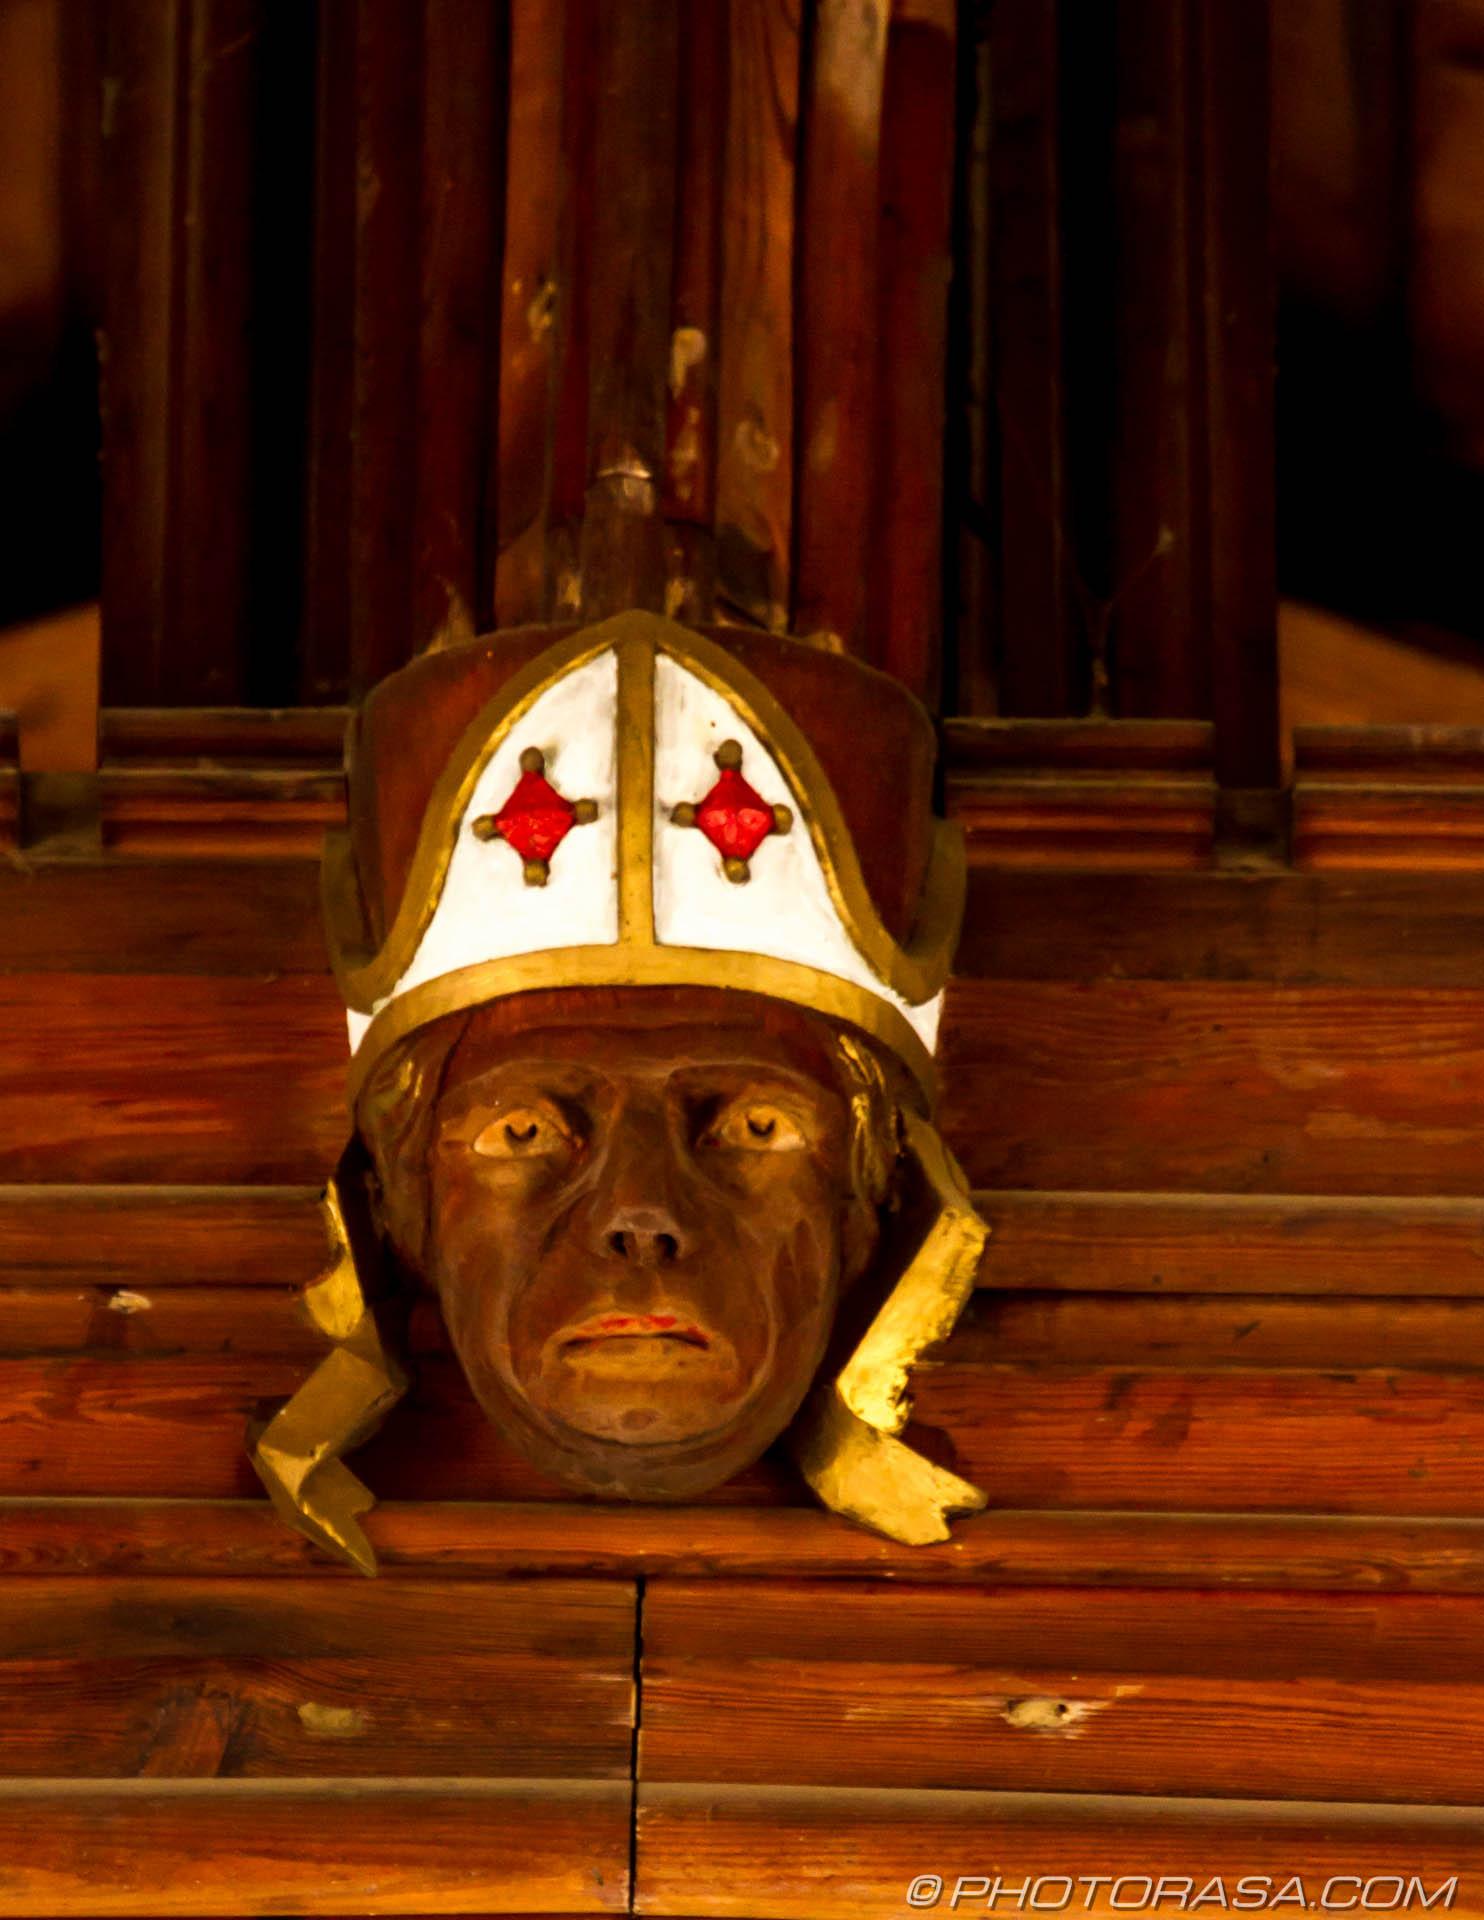 https://photorasa.com/st-dunstans-church-cranbrook/victorian-roof-carving-of-bishops-head/